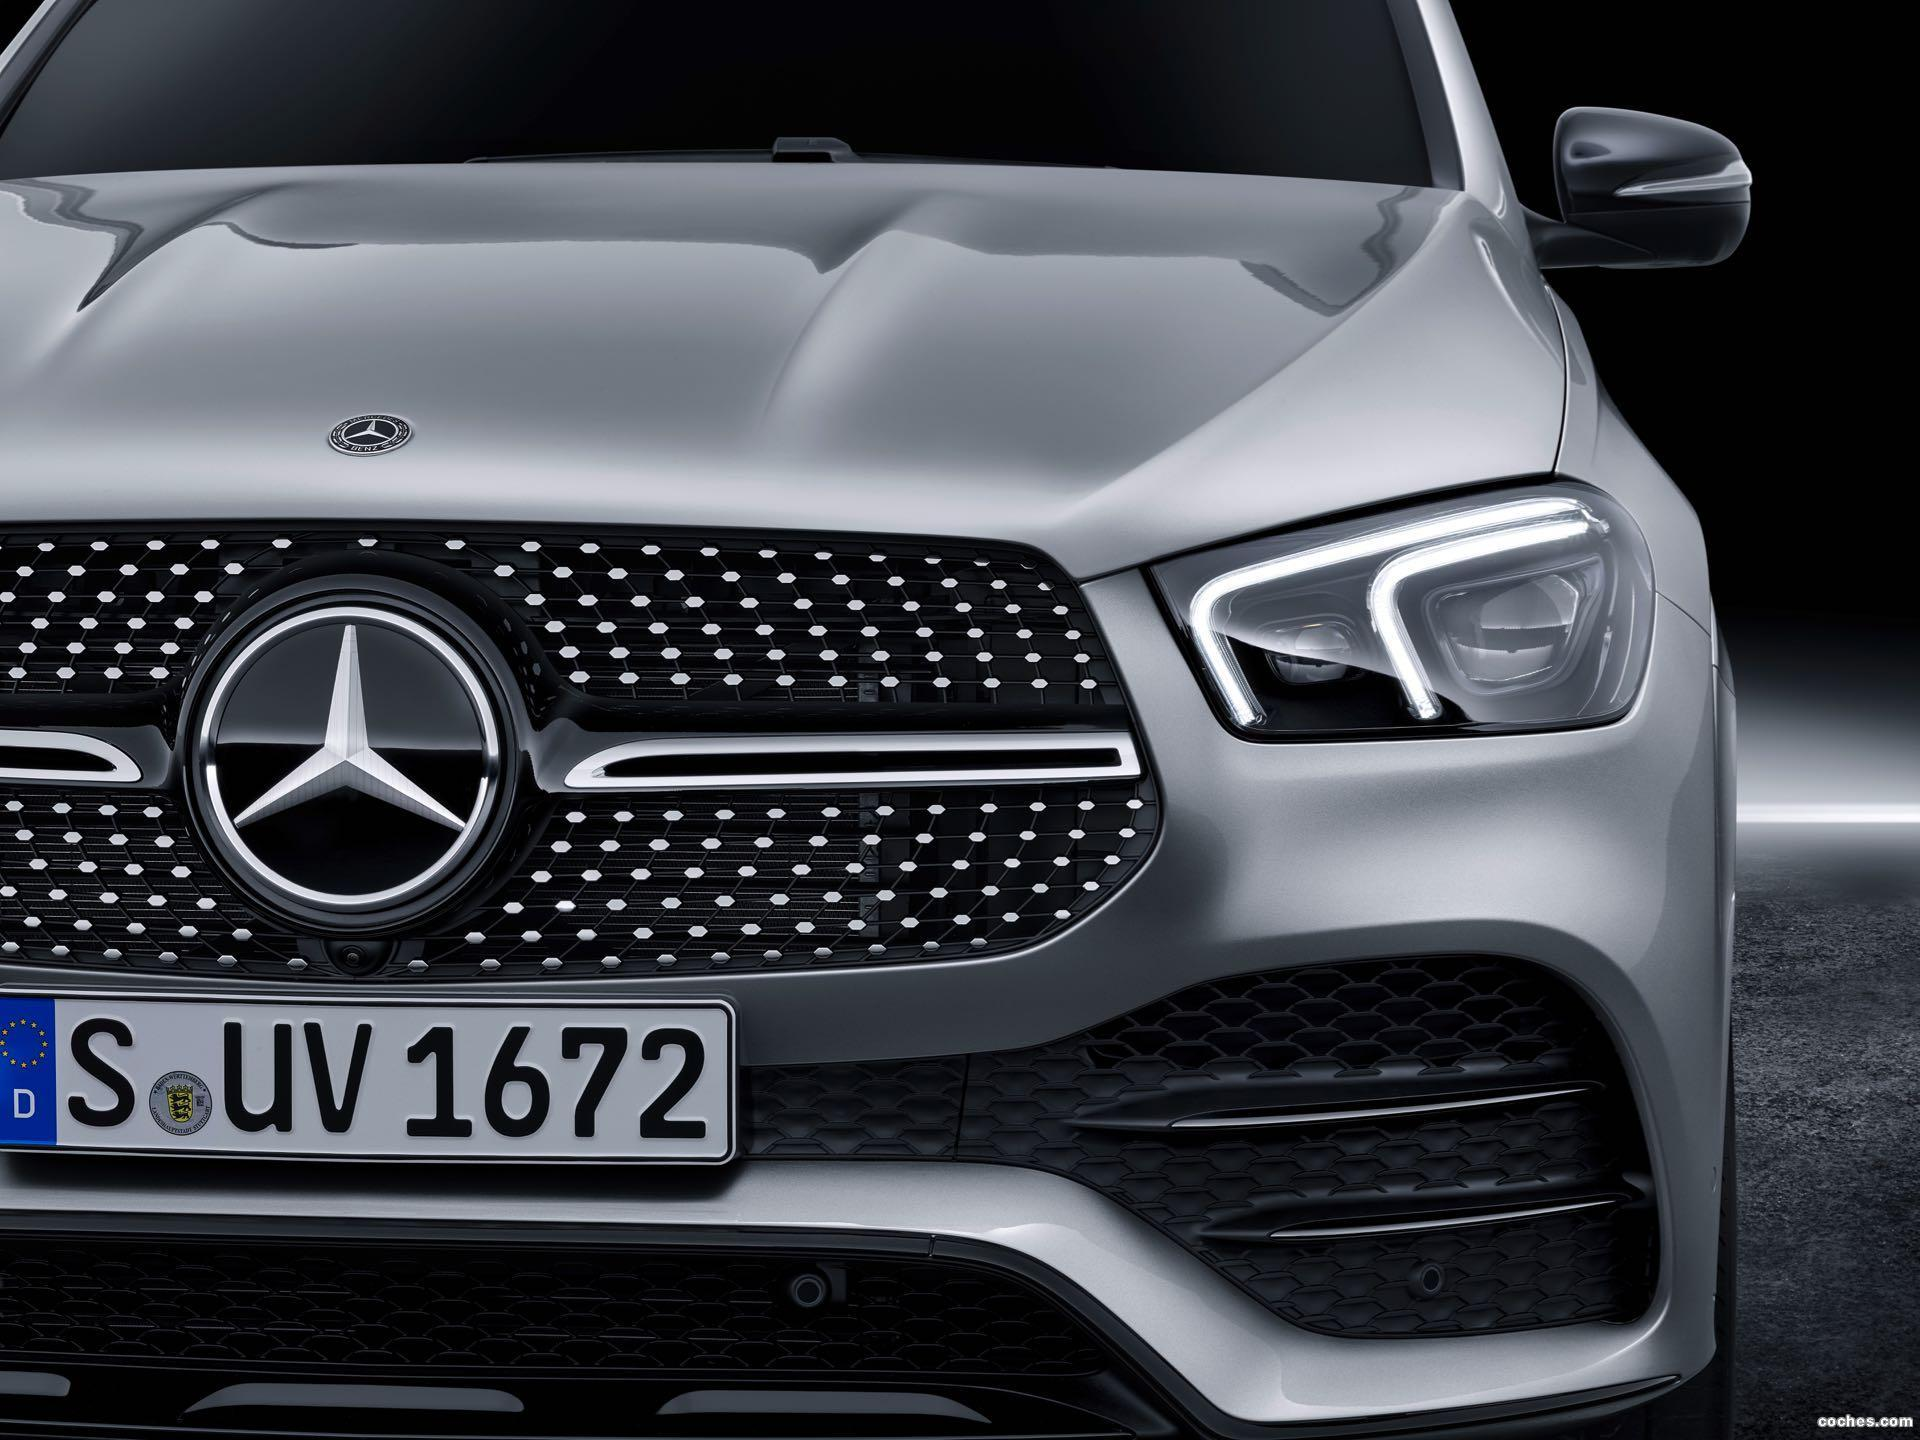 Foto 9 de Mercedes GLE 450 4MATIC 2019